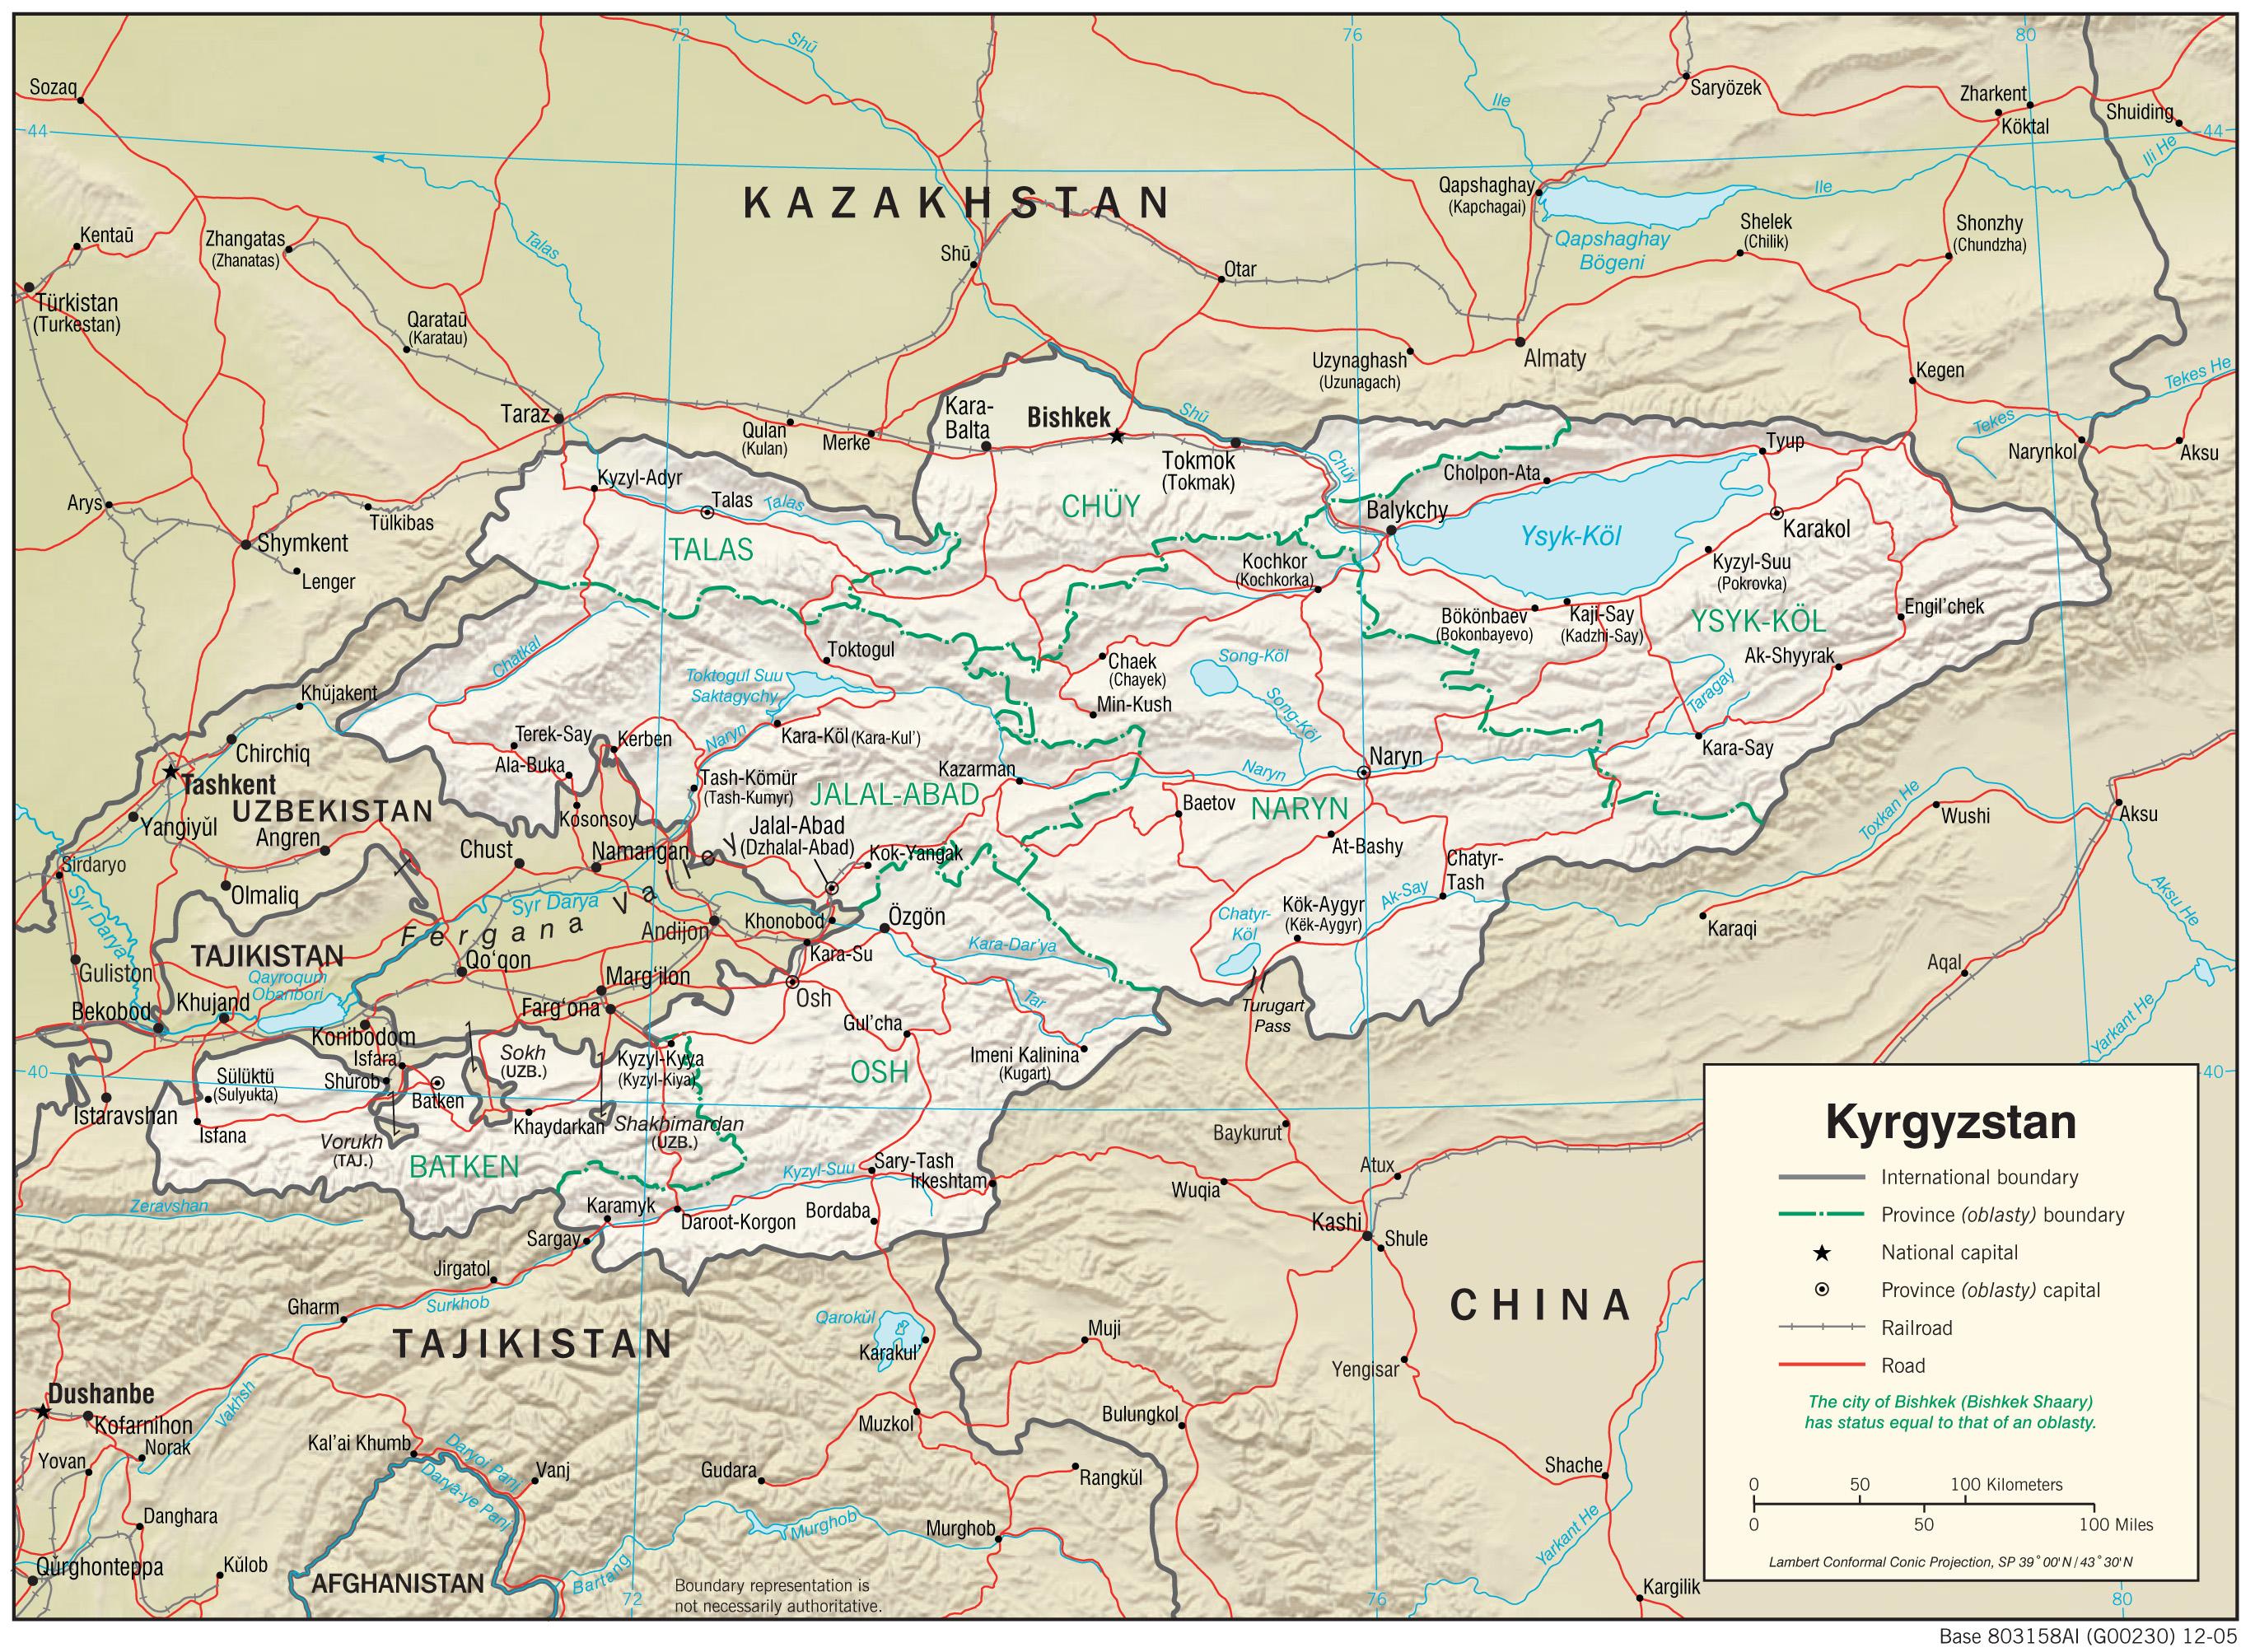 Kyrgyzstan Maps PerryCastañeda Map Collection UT Library Online - Kyrgyzstan map